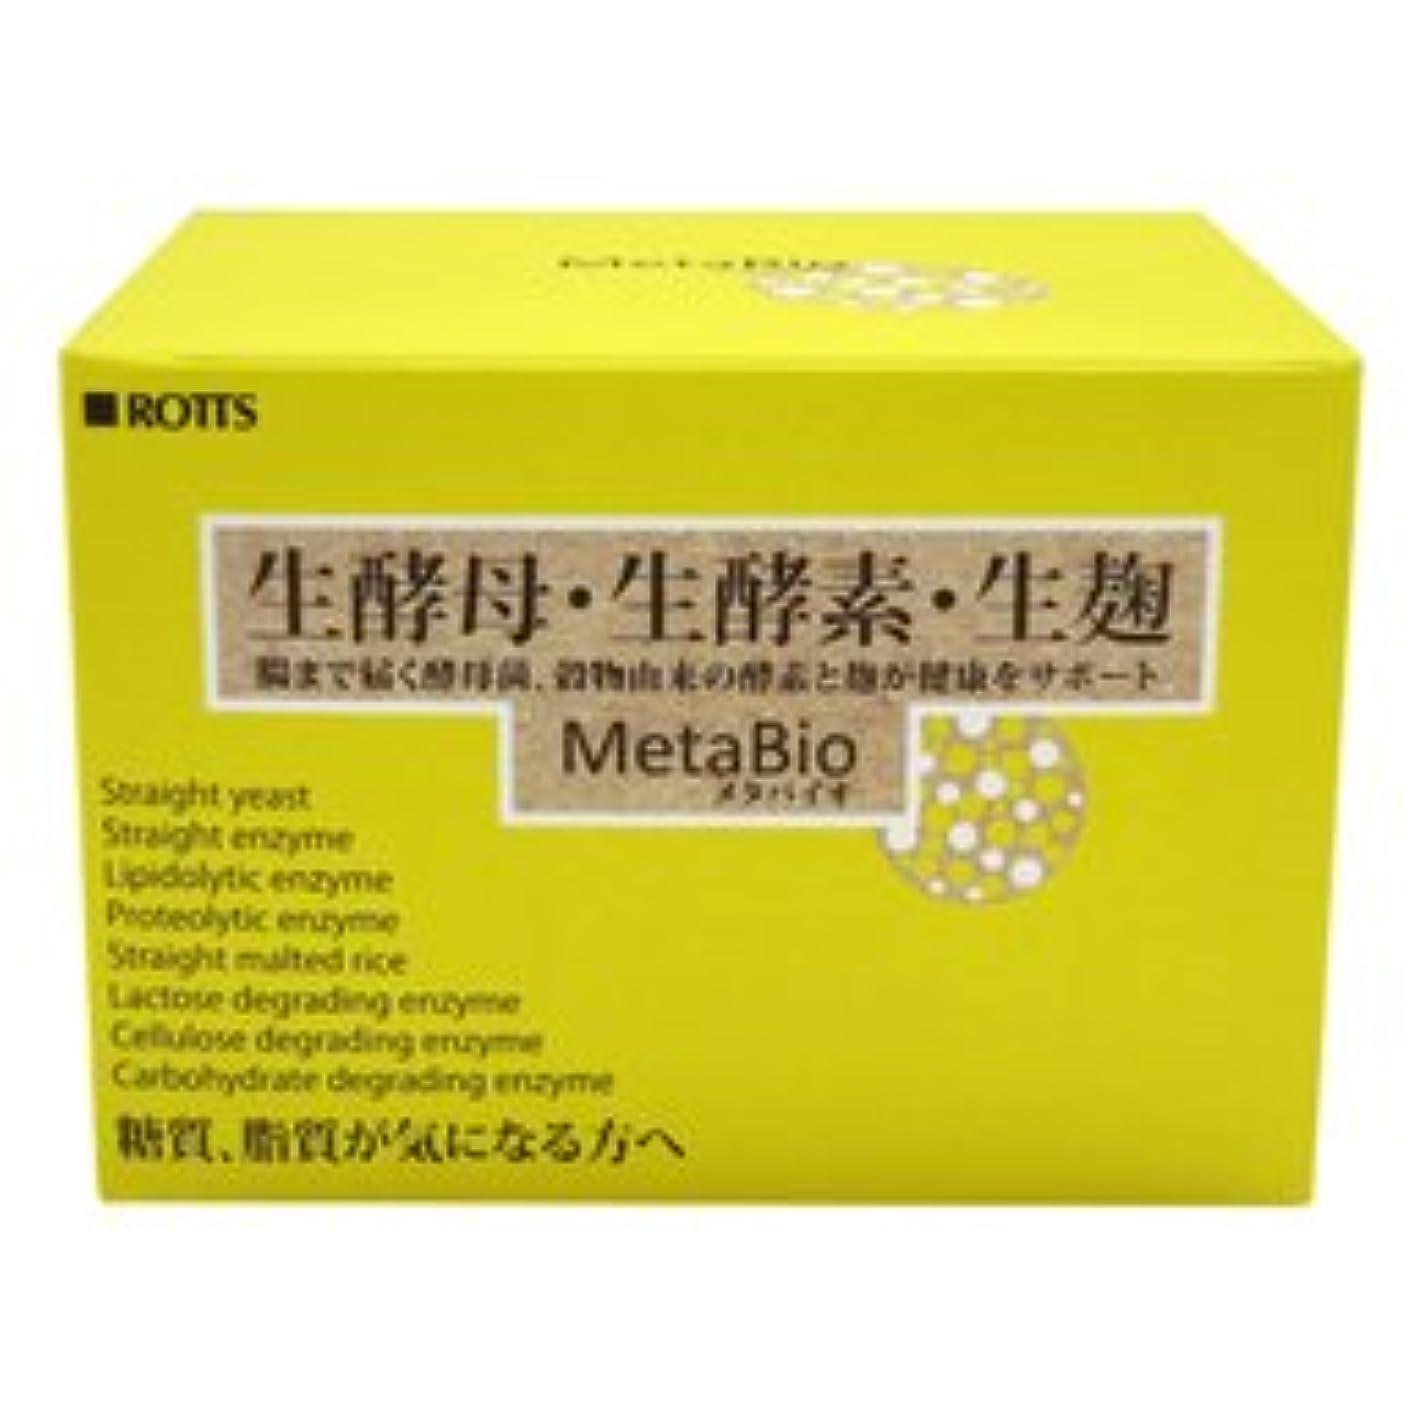 型請負業者テニスMetaBio/メタバイオ(2粒×30包)×6箱セット